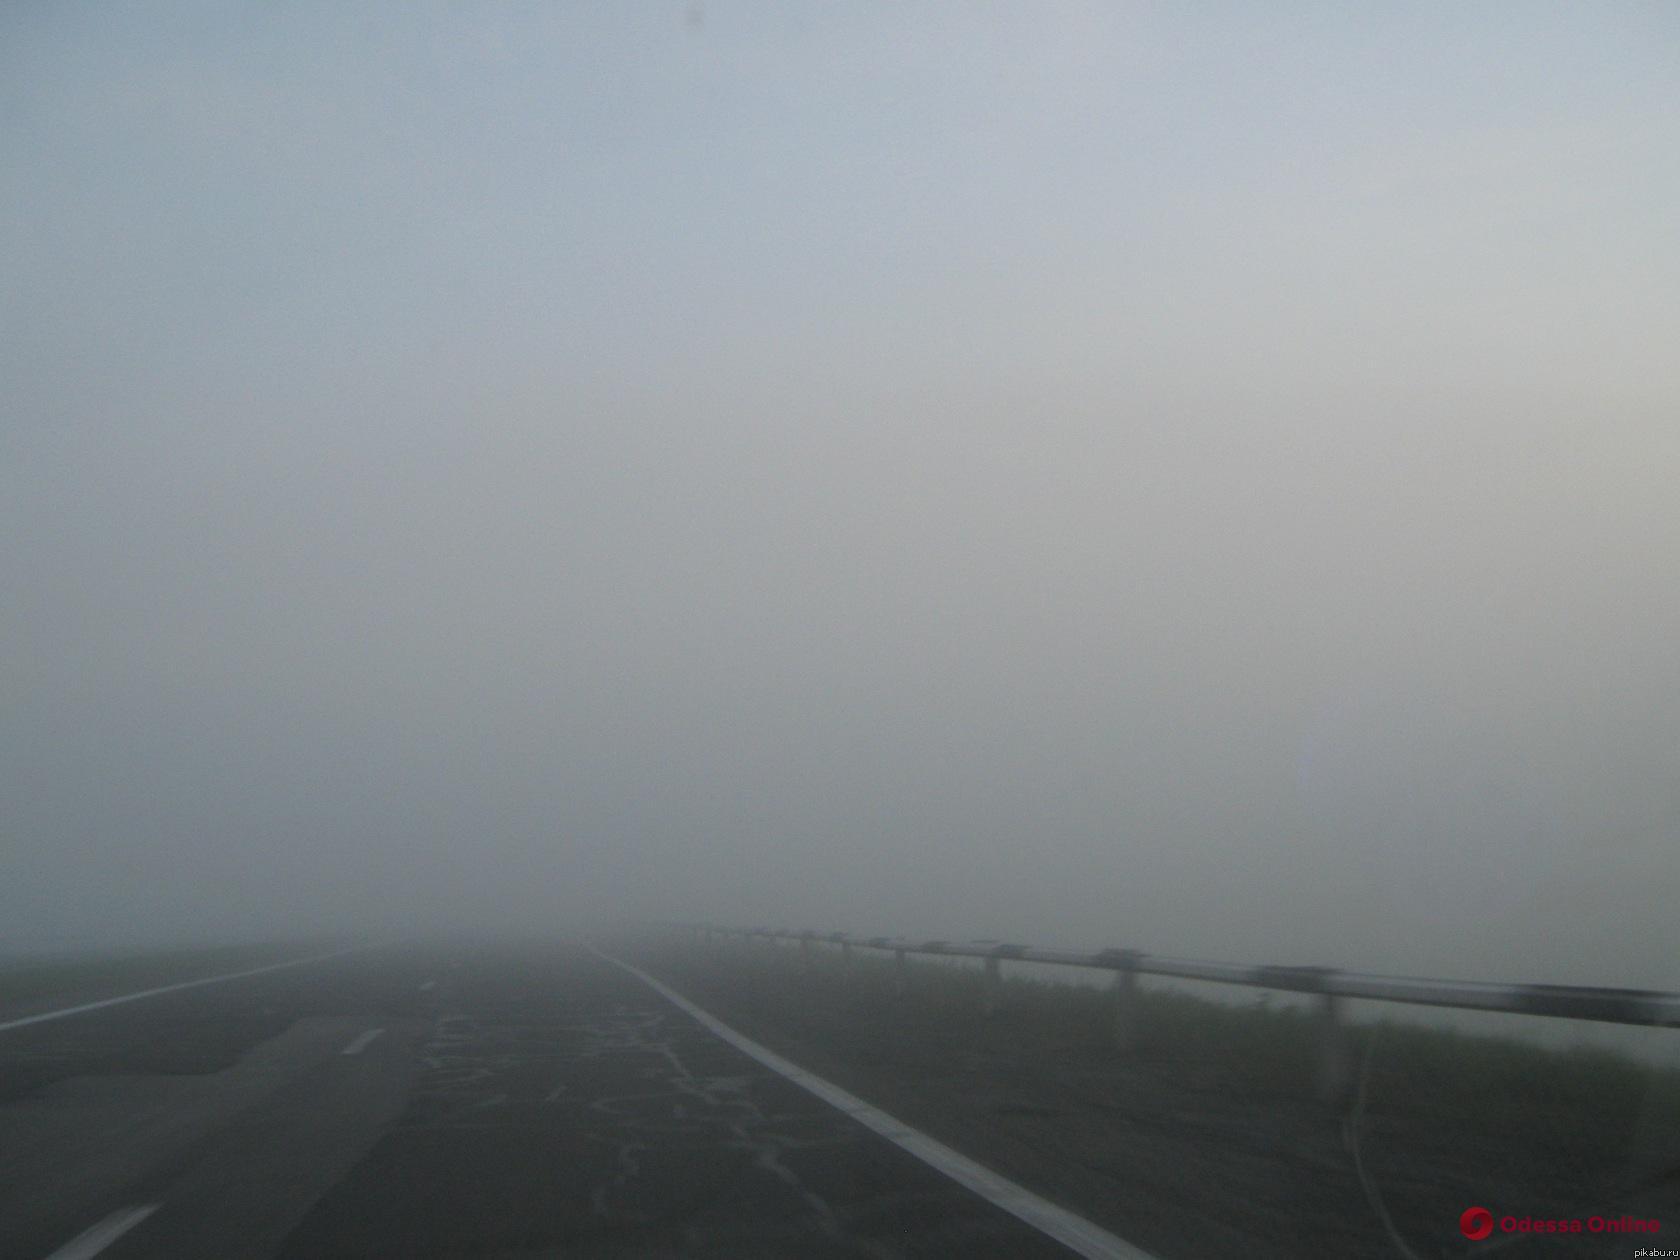 Водителей просят объезжать район Клеверного моста и предупреждают о плохой видимости на дорогах